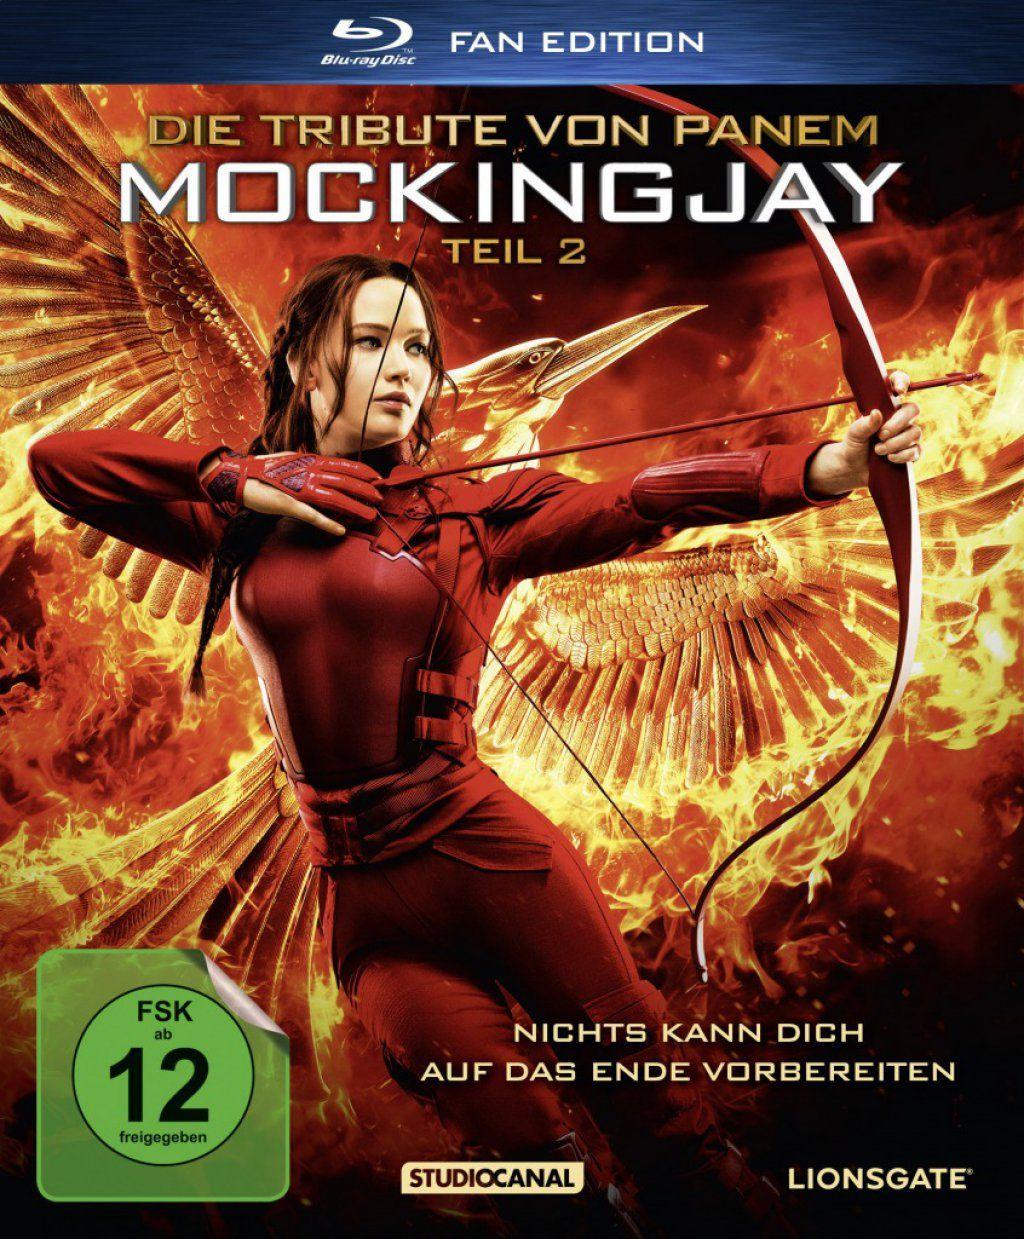 Tribute von Panem, Die - Mockingjay - Teil 2 (Fan Edition) (BLURAY)